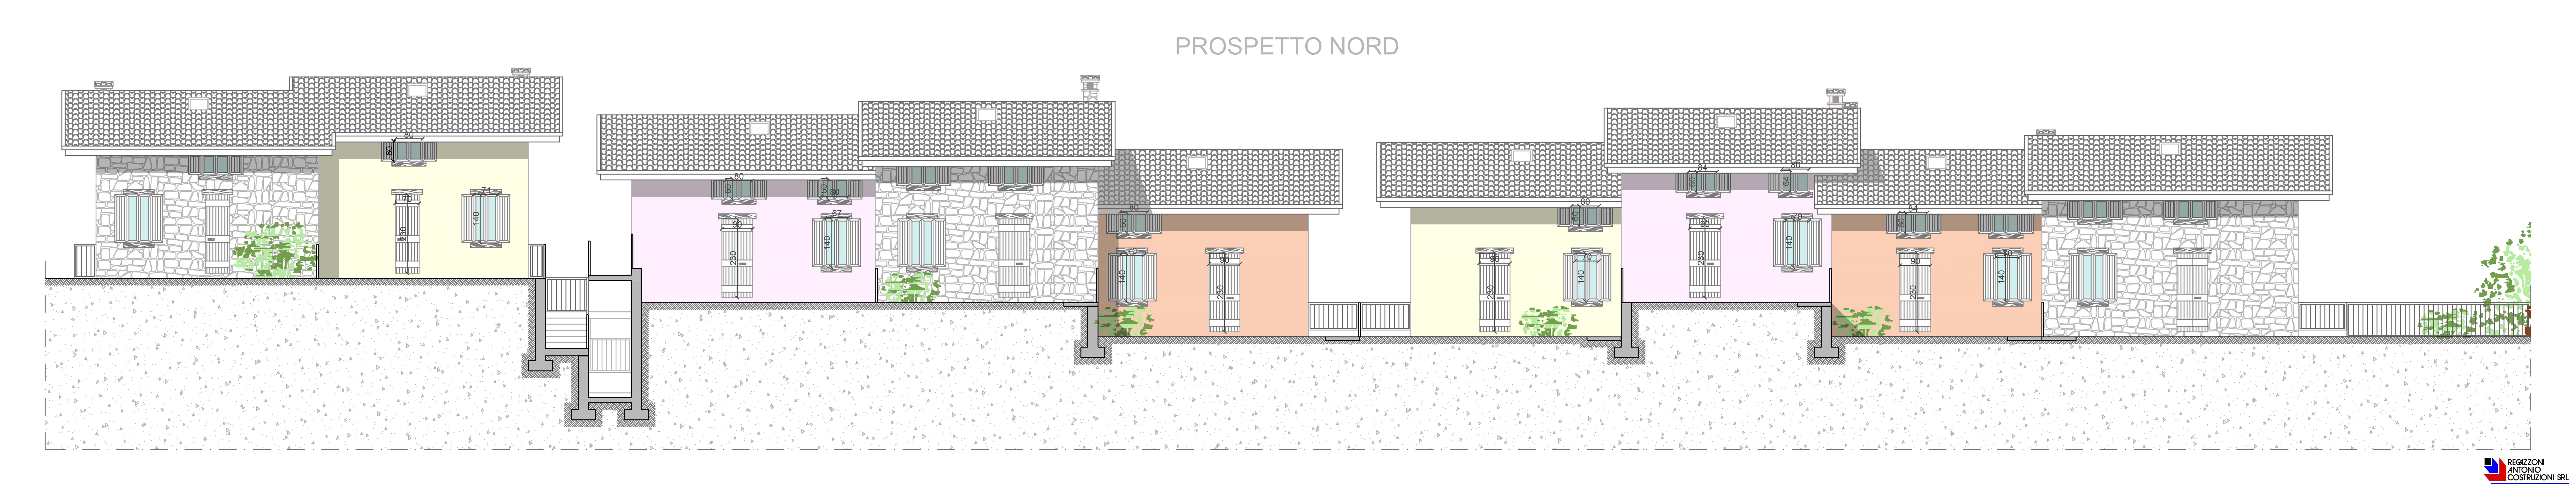 Prospetto nord Lotto C - scala 1a100